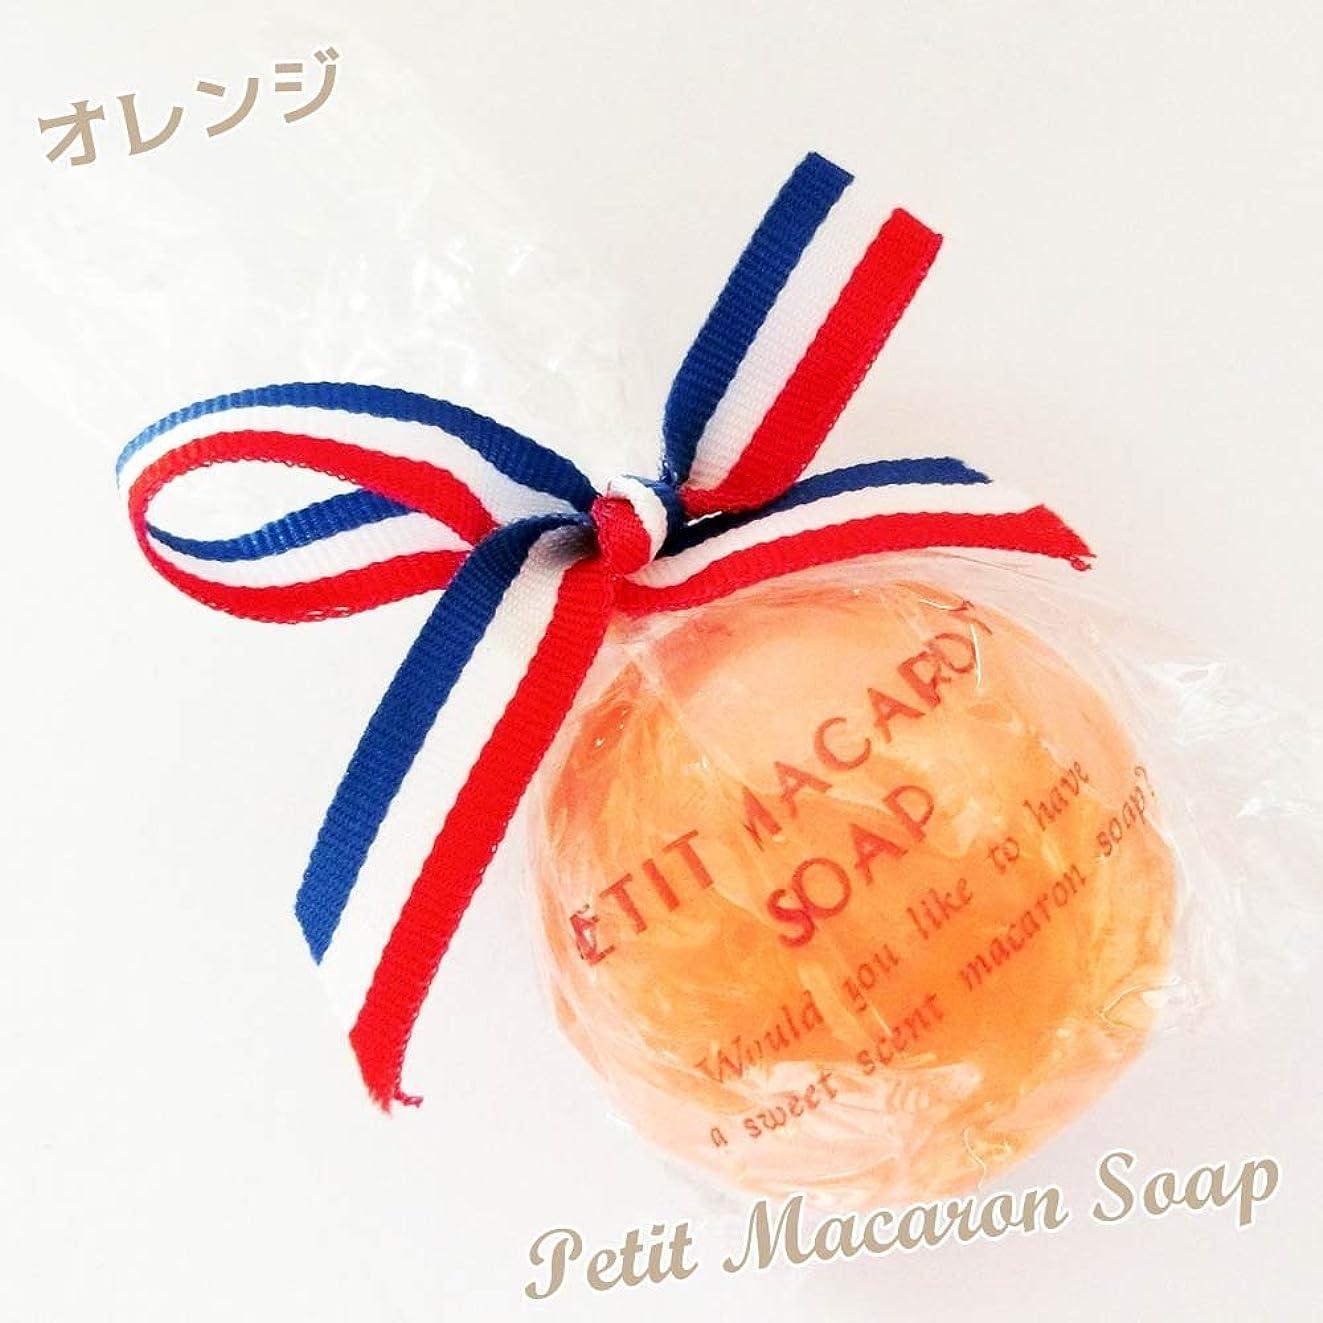 絵氏つまずくプチマカロンソープ オレンジ 22g